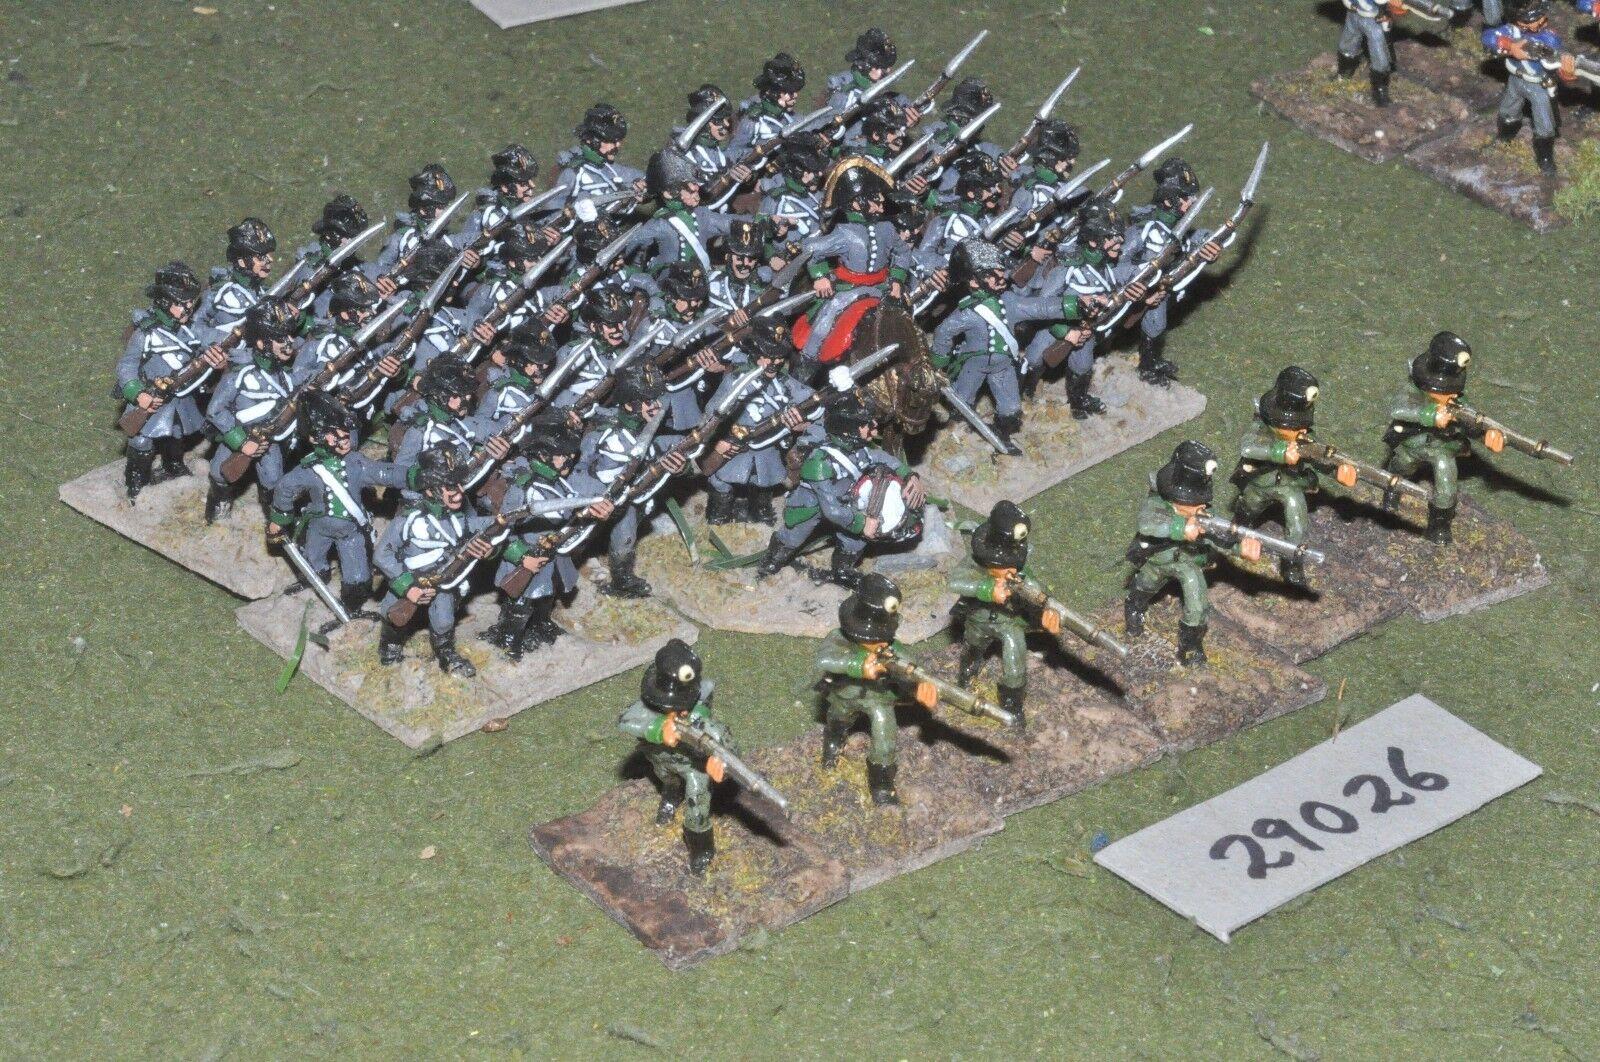 ventas de salida 25mm napoleónicas/Austria-JAGERS 42 figuras-INF (29026) (29026) (29026)  perfecto